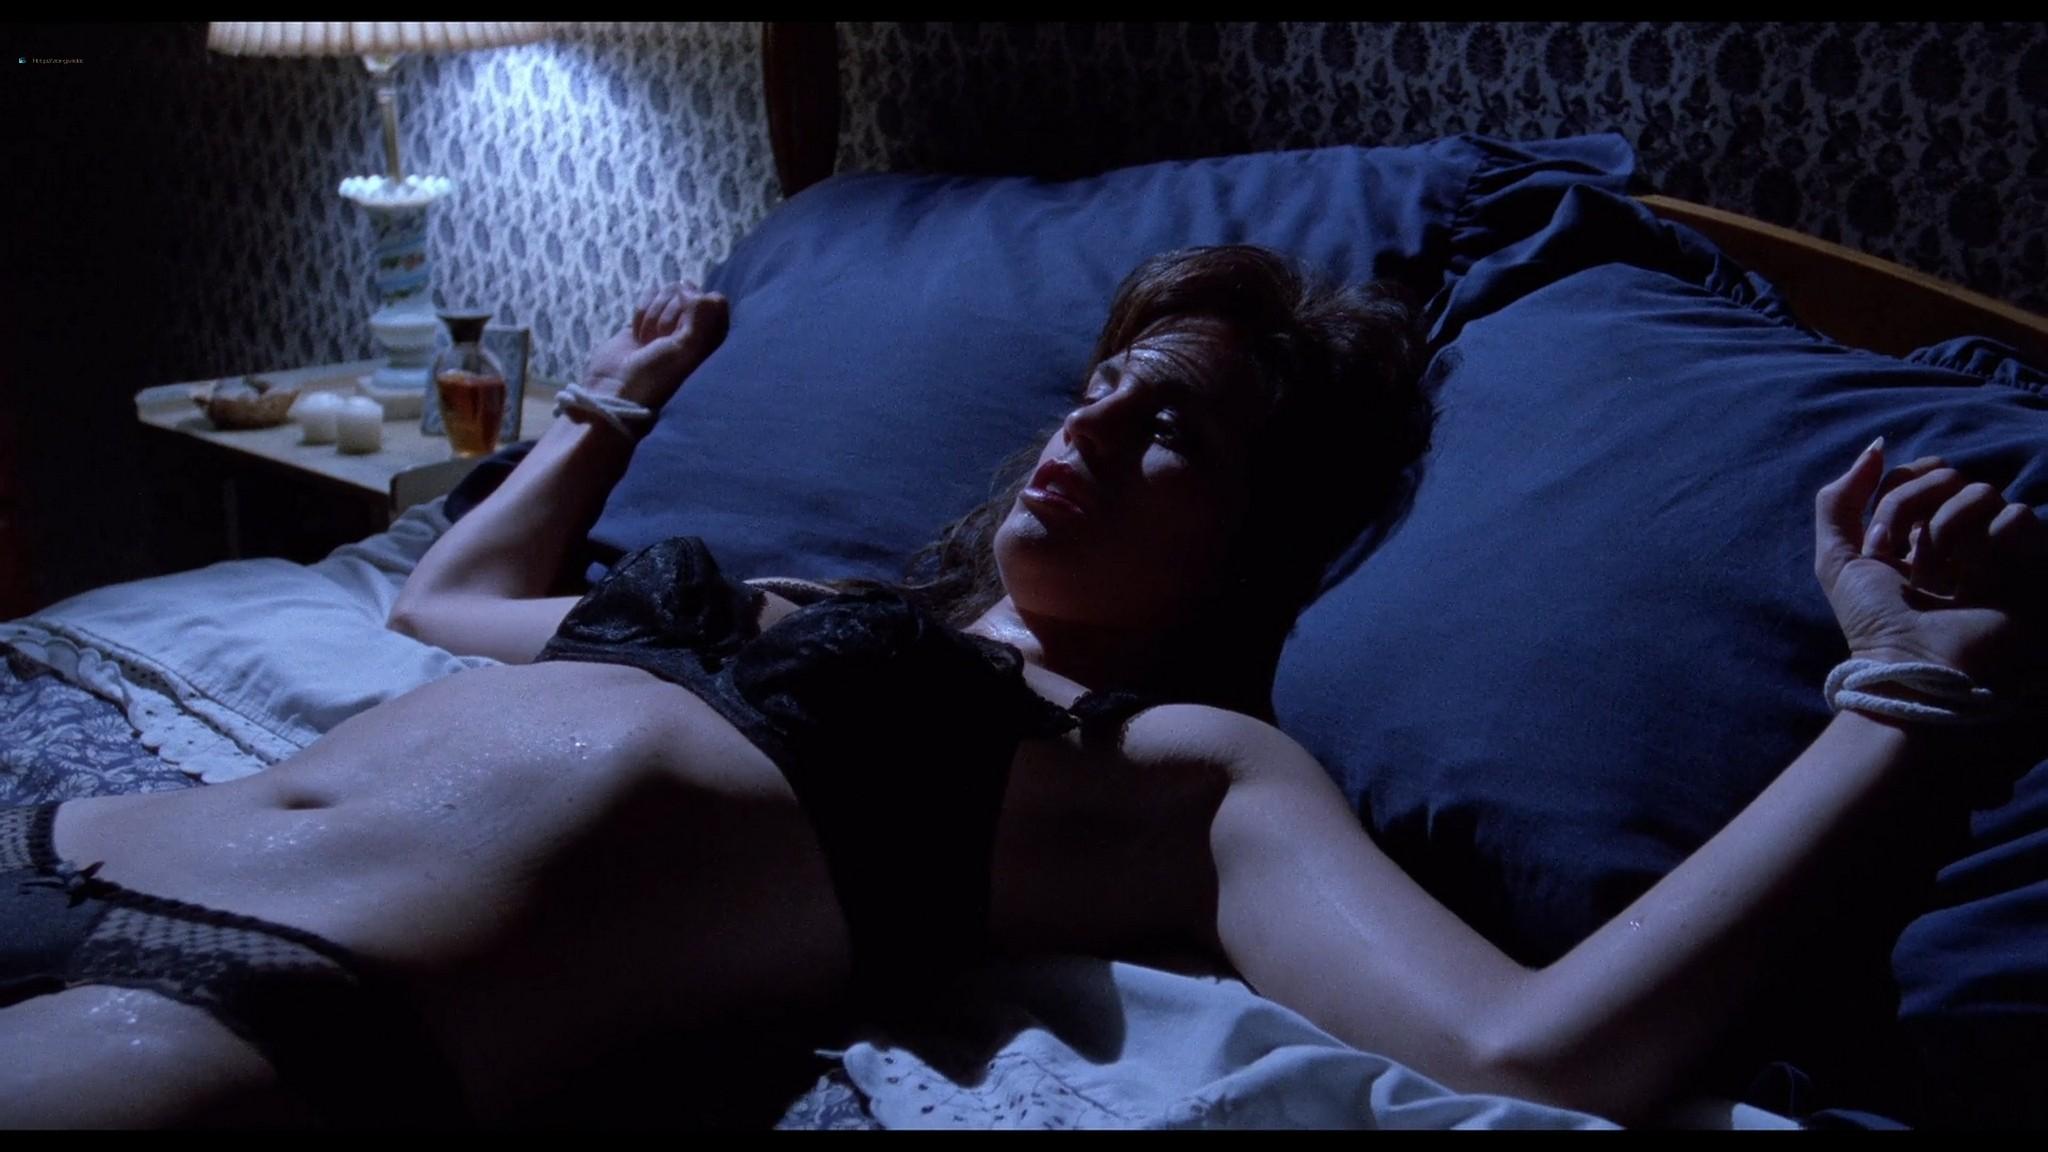 Jill Pierce nude in the shower and bound Darkroom 1988 1080p BluRay 12